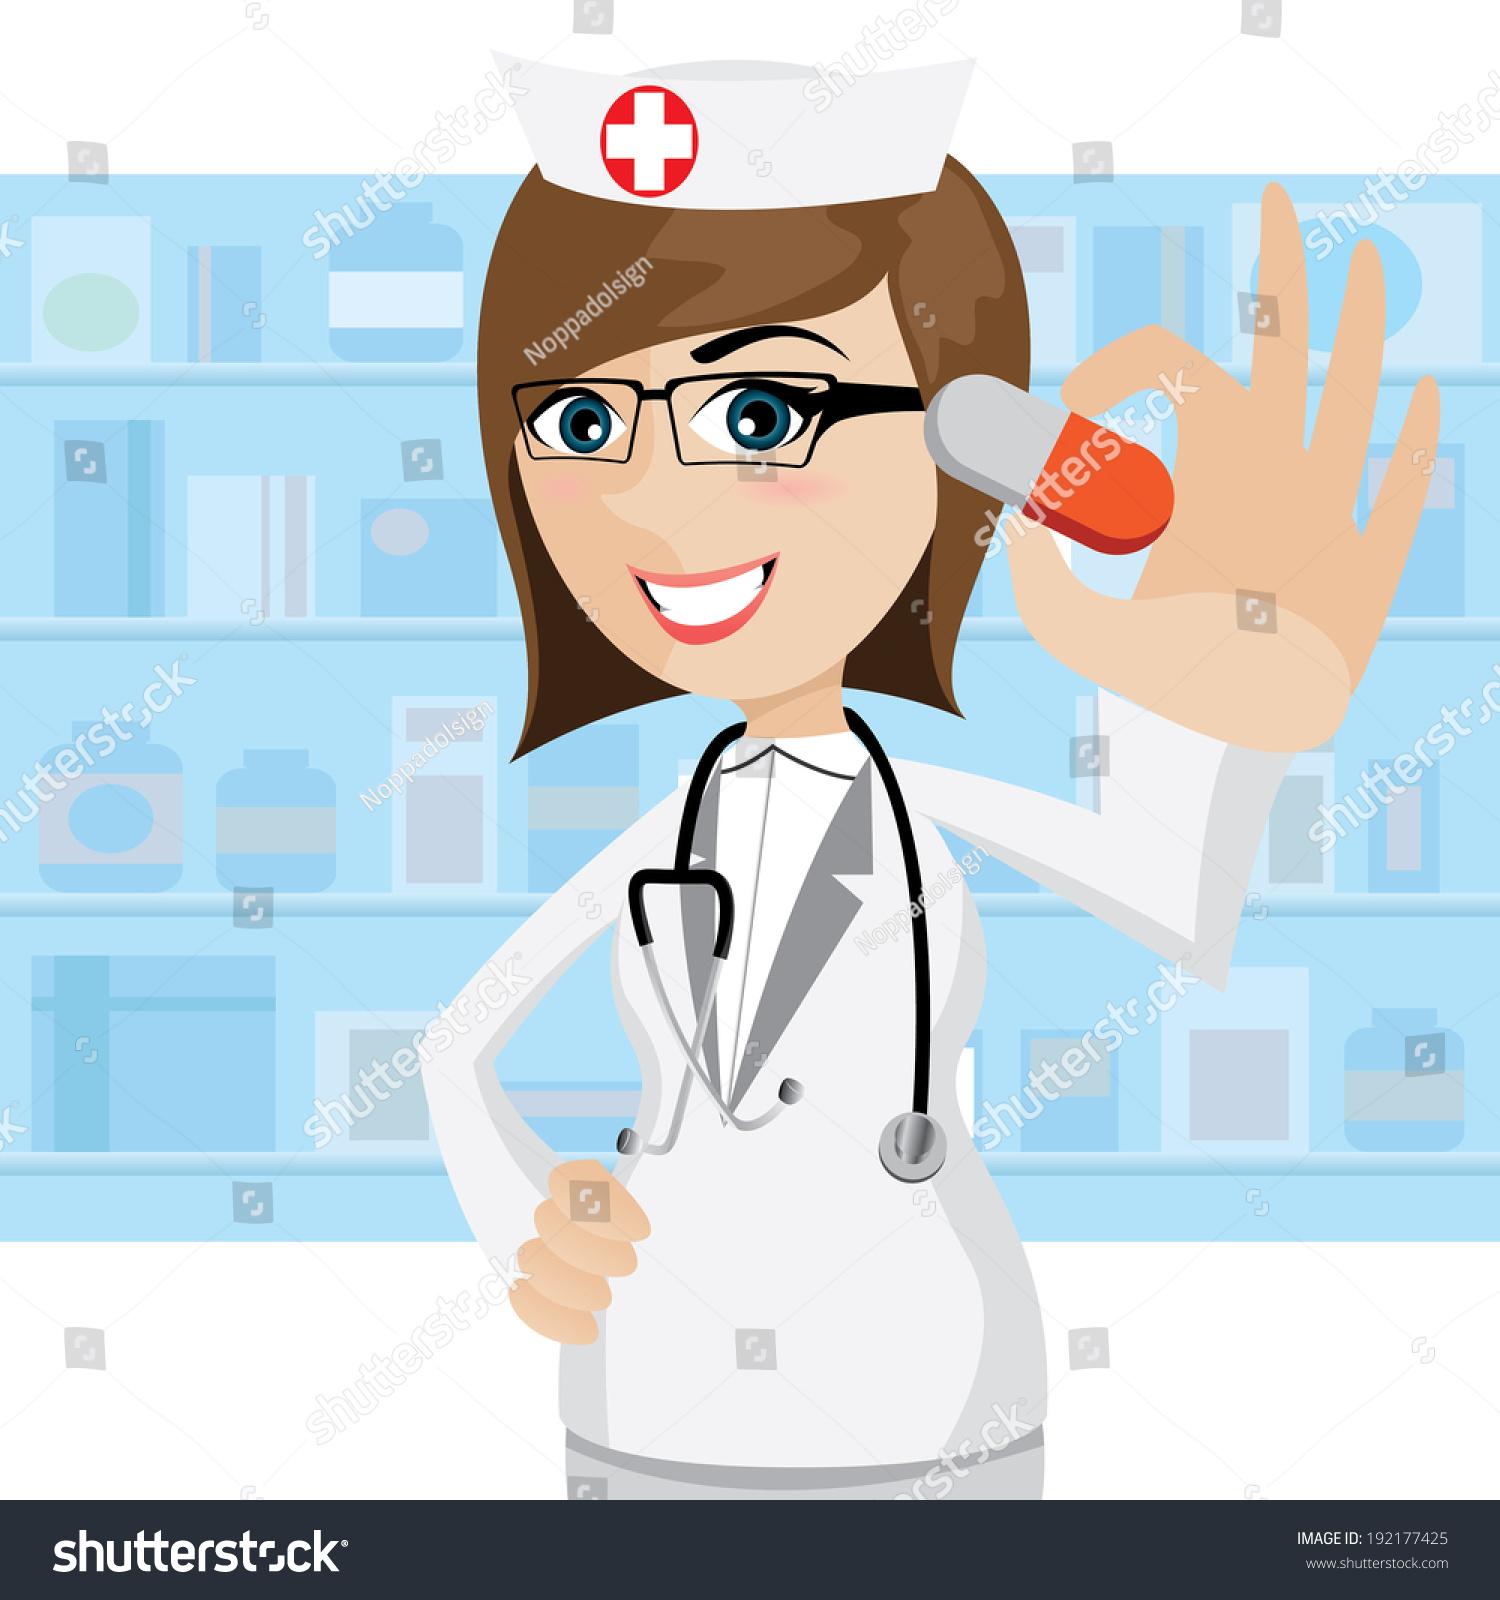 Female pharmacist clipart 10 » Clipart Station.